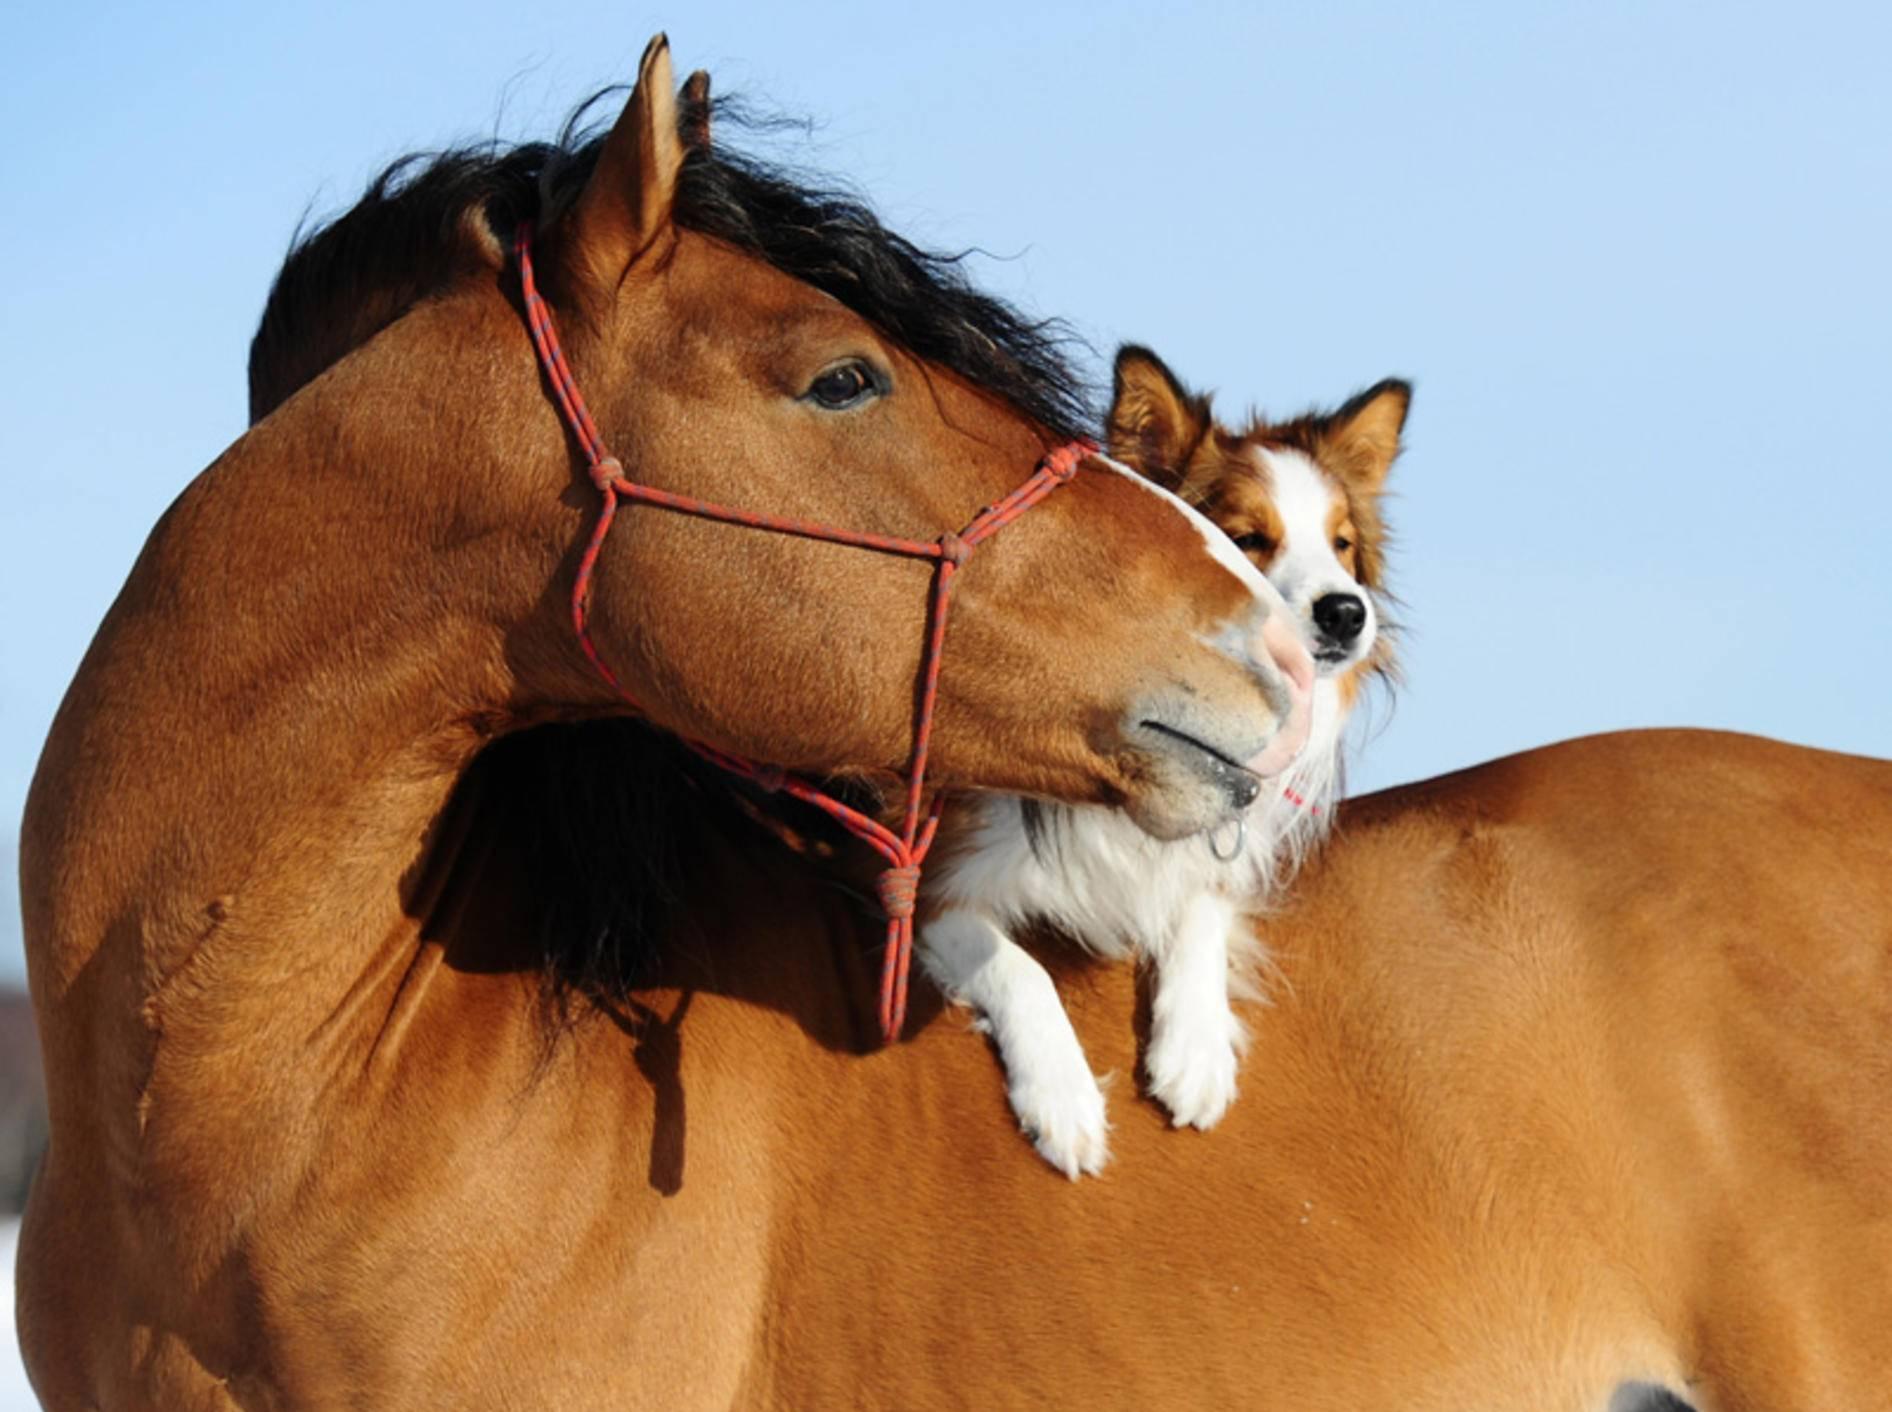 Freunde machen glücklich – finden auch dieses Pferd und sein süßer Hunde-Freund – Bild: Shutterstock / Makarova Viktoria